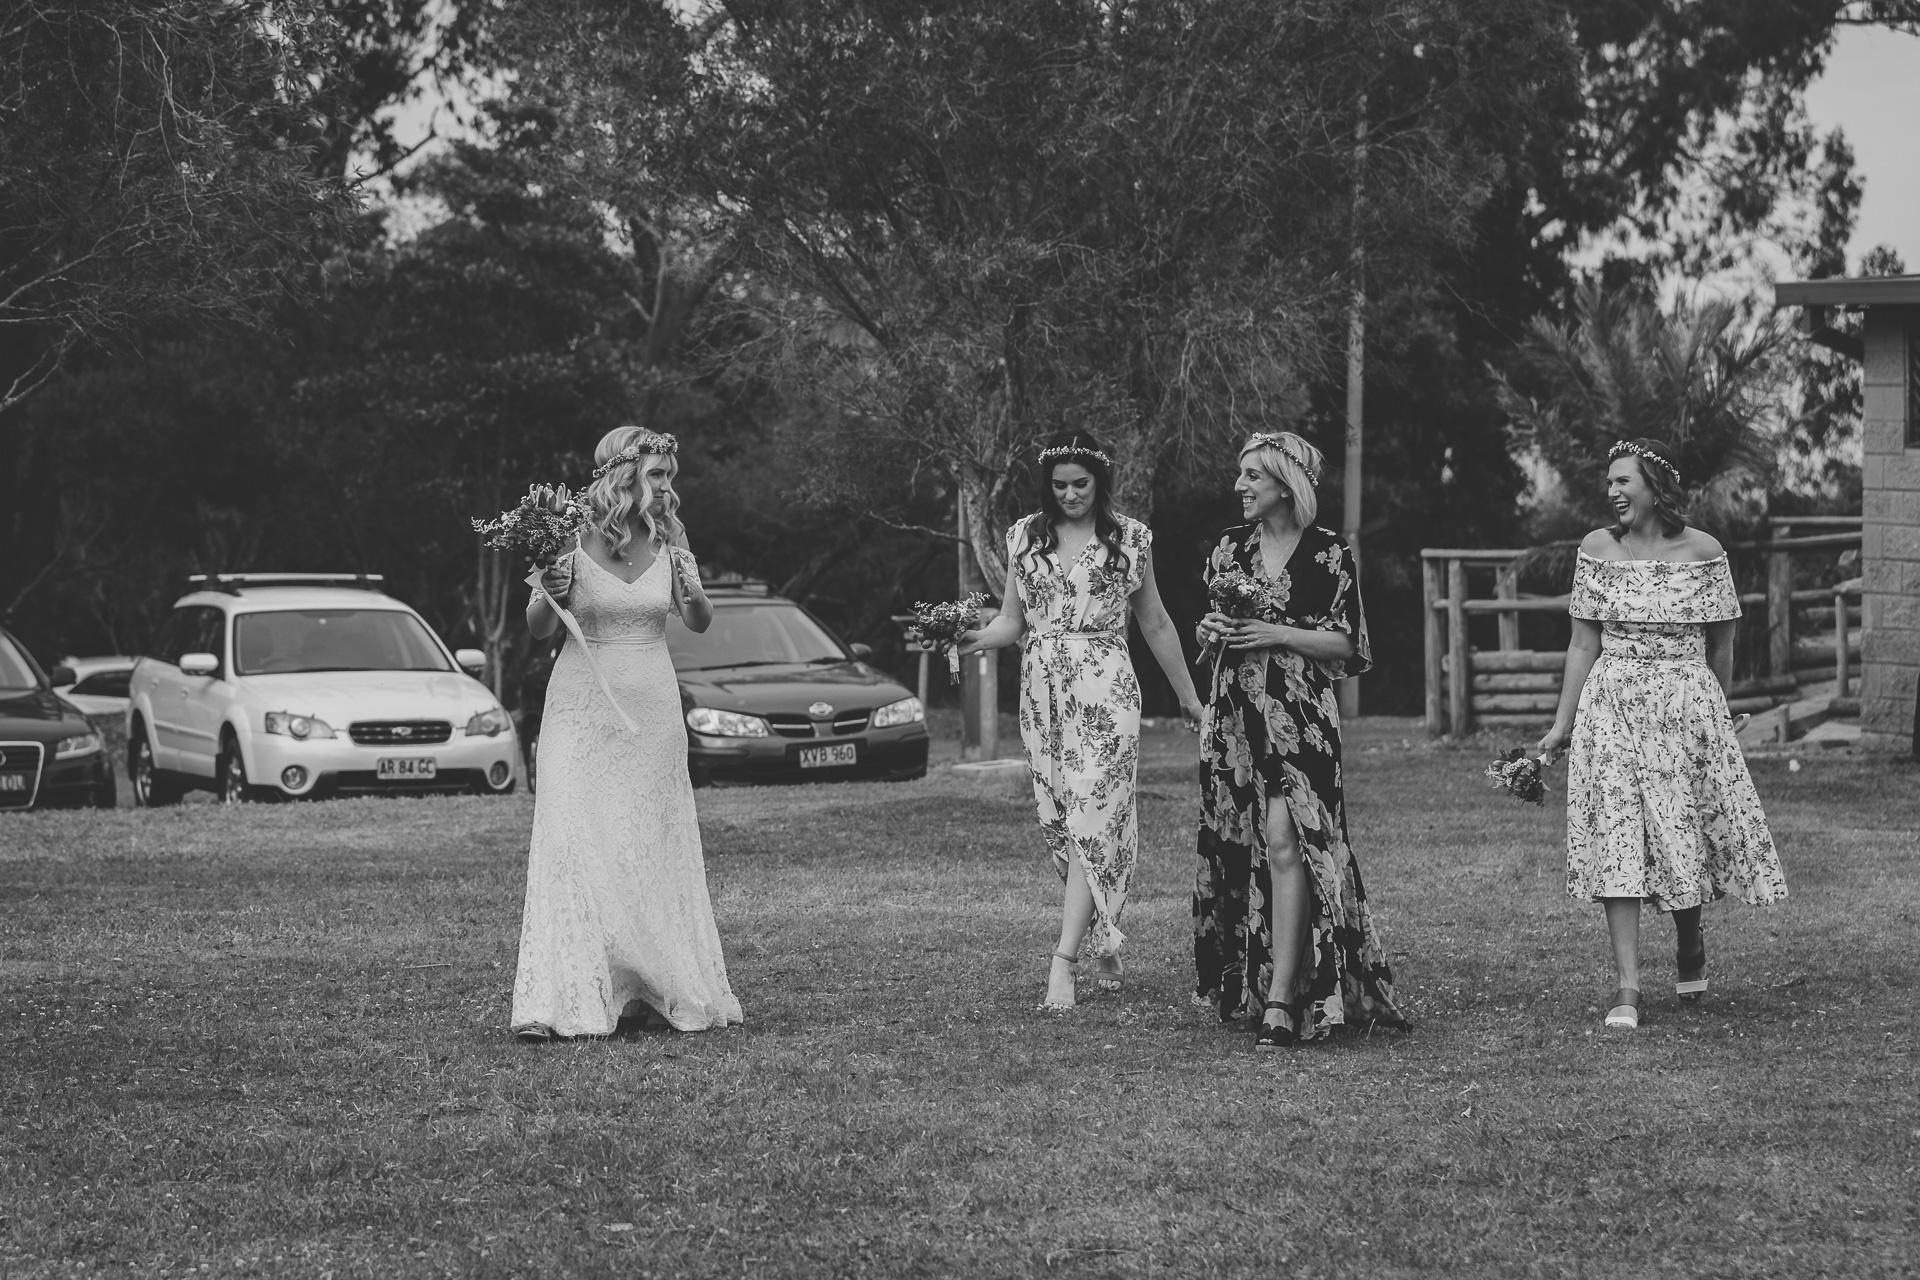 20161125 - Sublime+Point+Wedding+Beth+Ian | 003.jpg